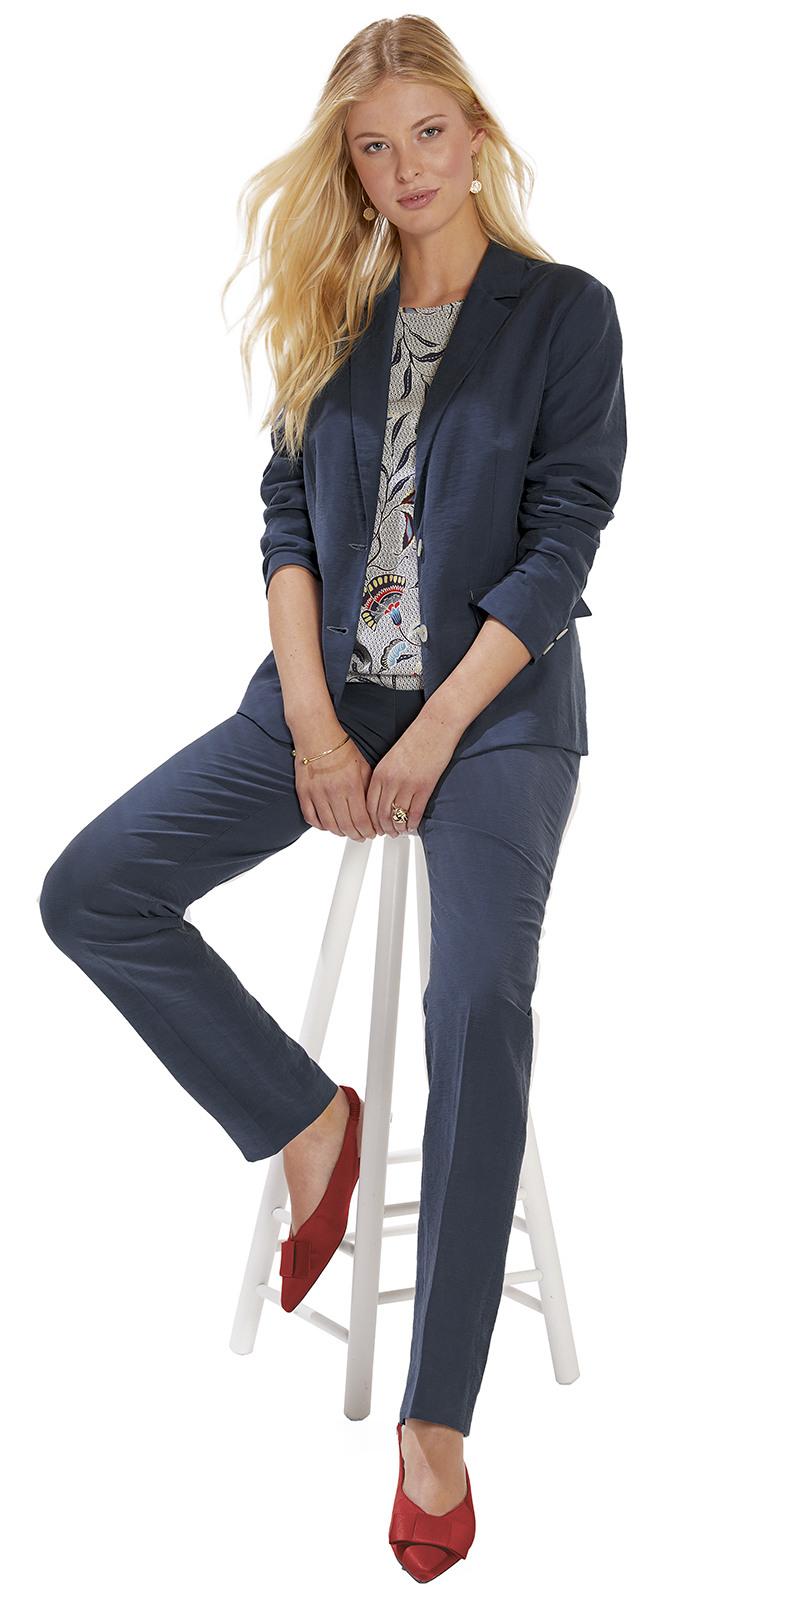 Blazer Für Große Frauen  Anzüge  Business Kleidung  Egü